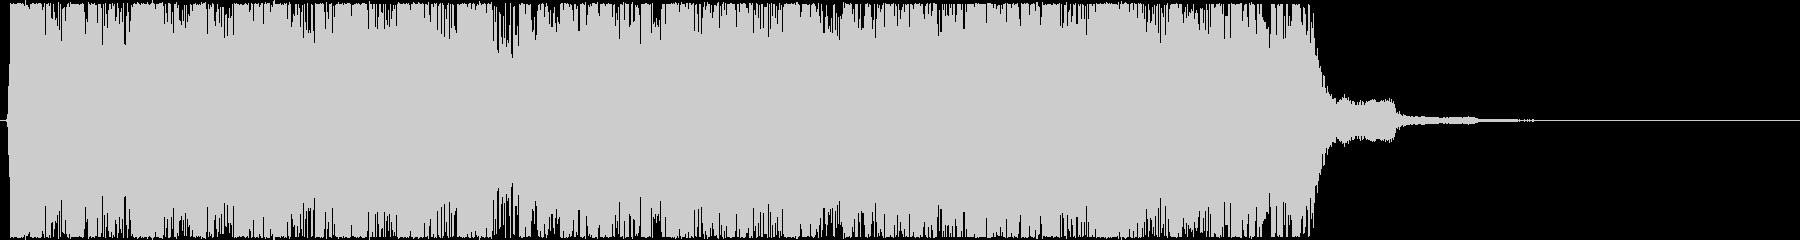 生演奏メタルなアイキャッチ13の未再生の波形